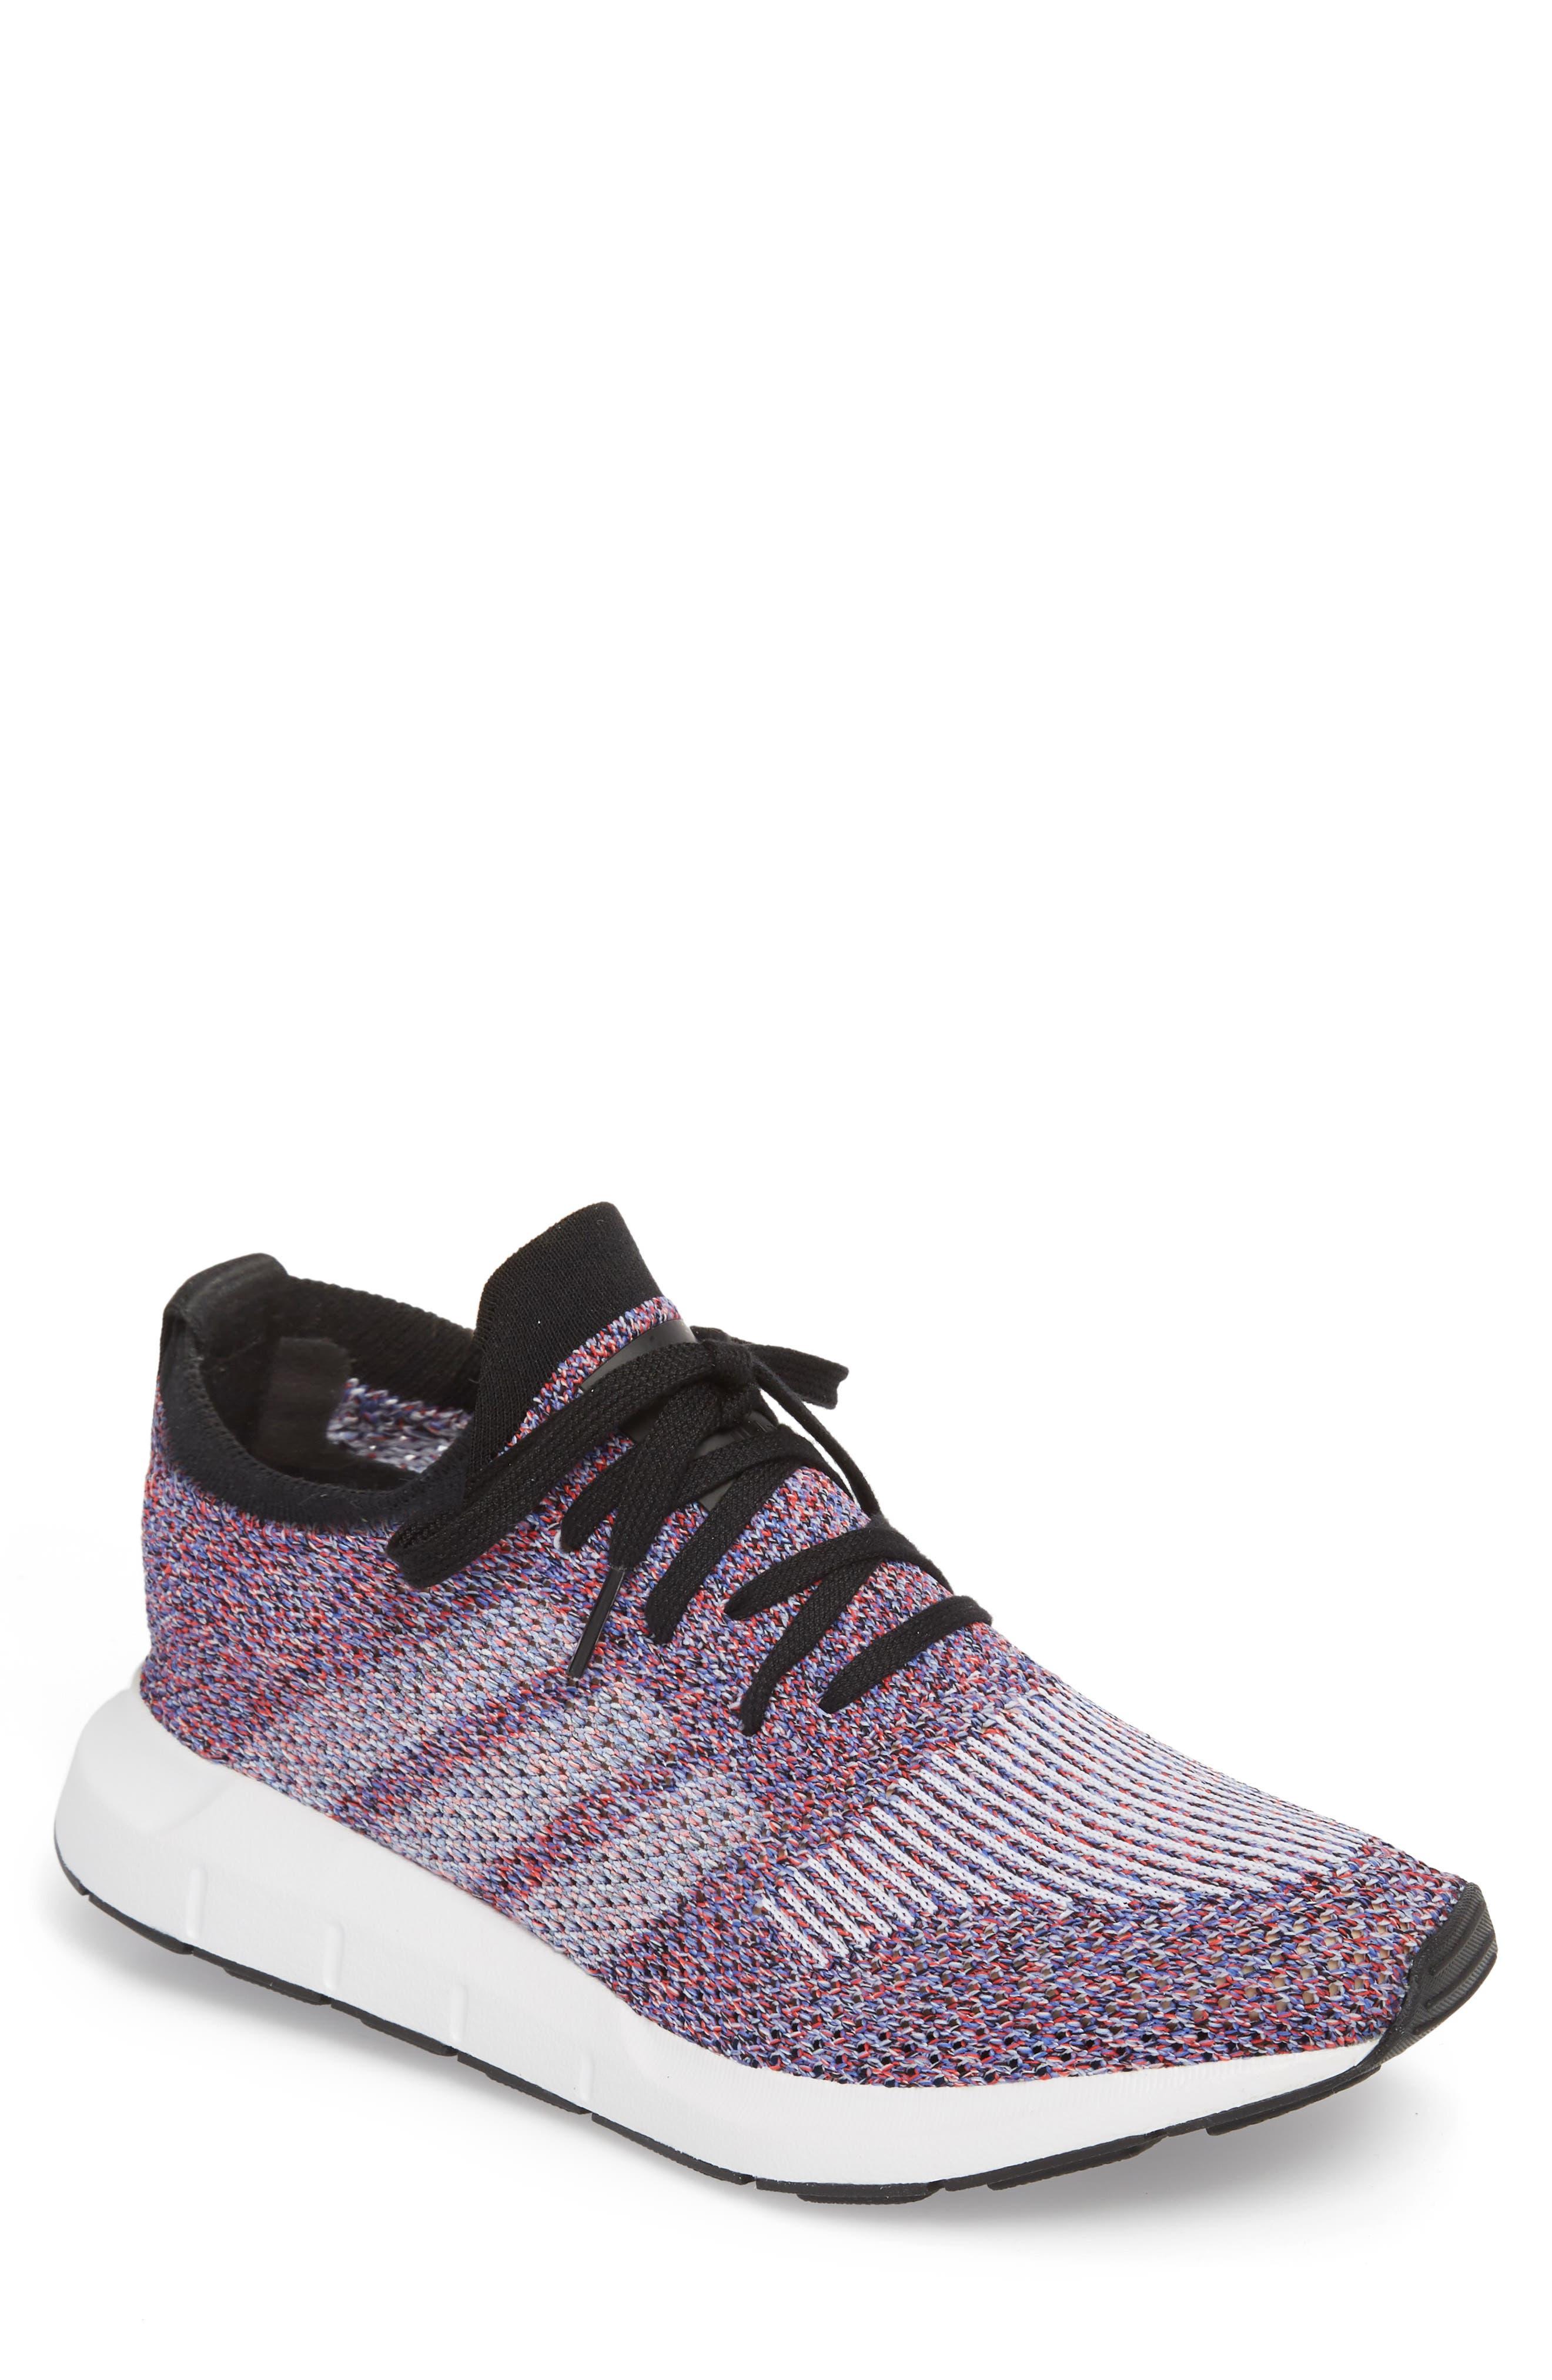 Swift Run Primeknit Sneaker,                             Main thumbnail 1, color,                             White/ Purple/ Black